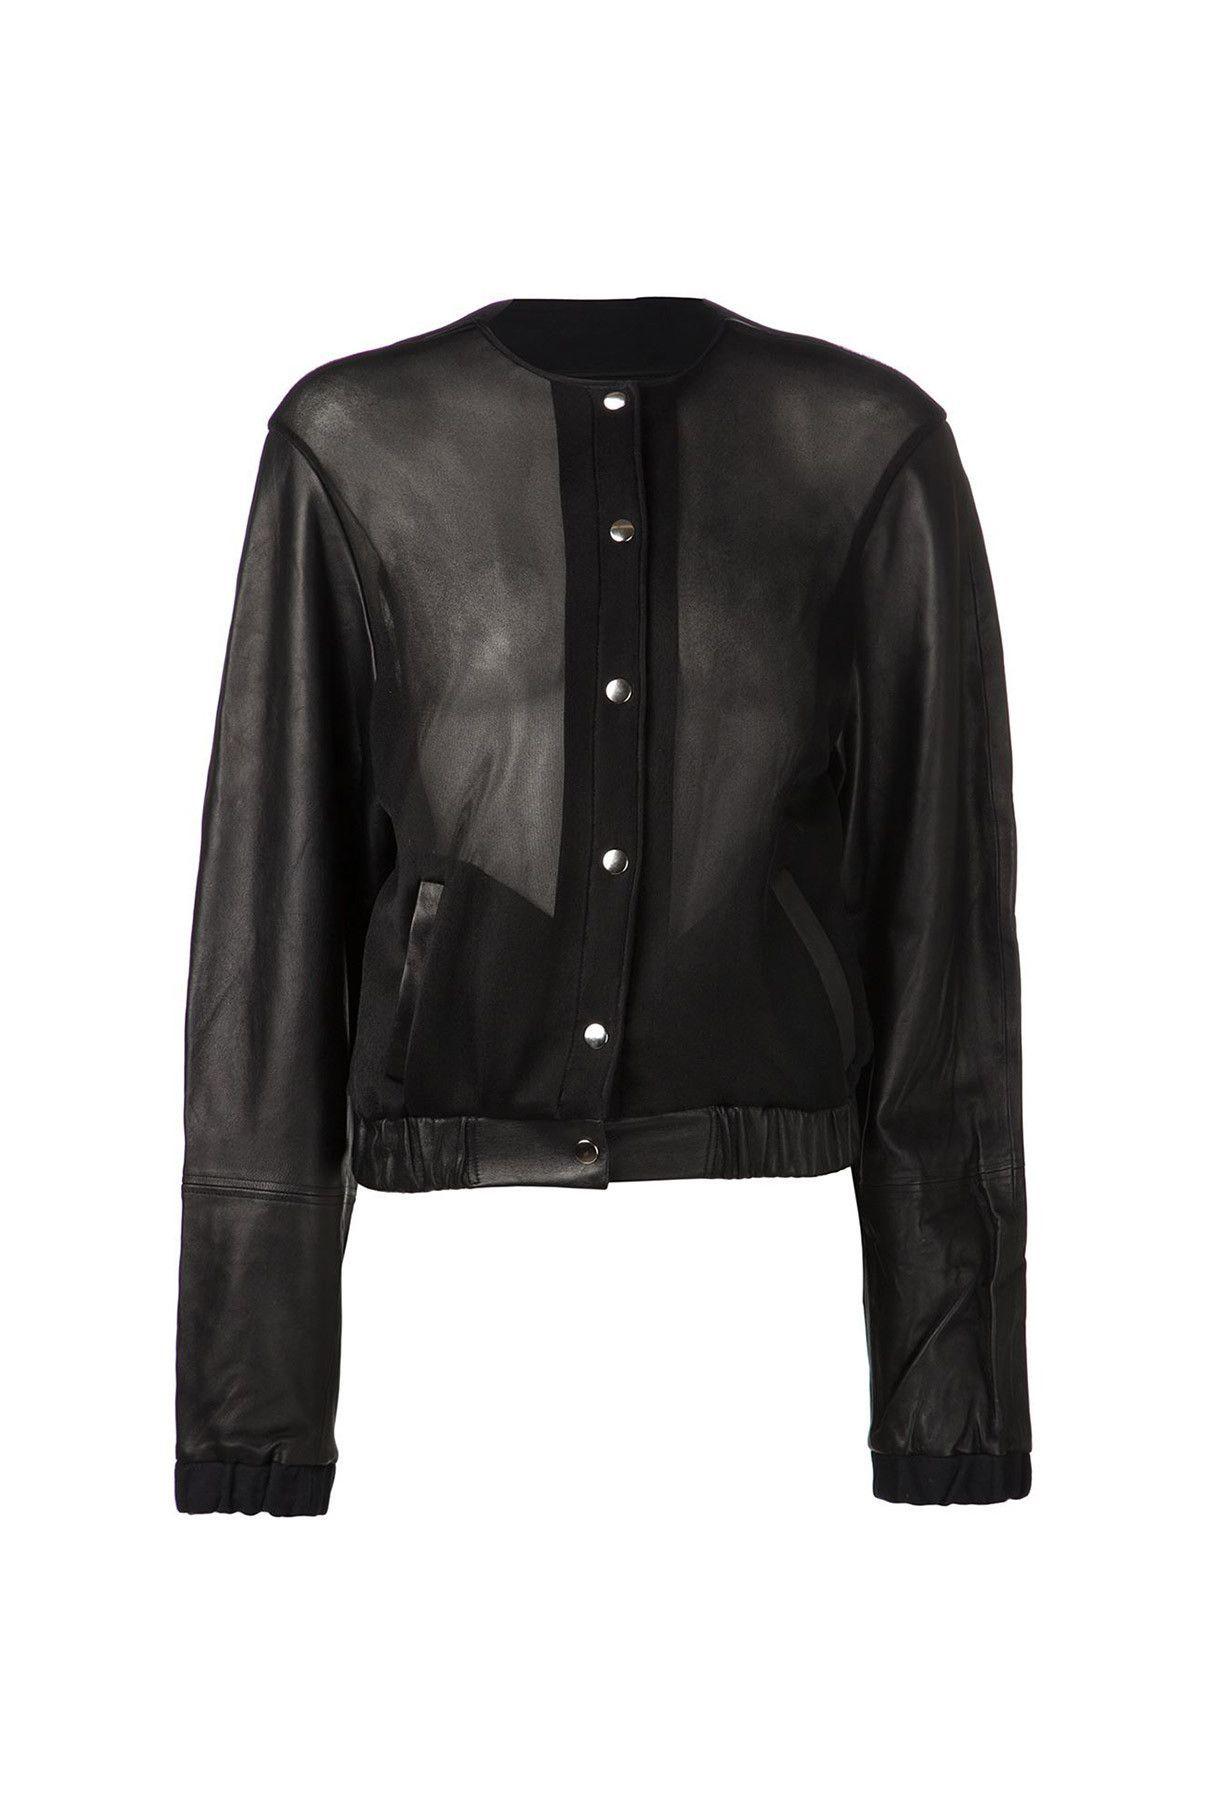 {Marija Pinjuh / 01 clothing / 07 outerwear / 01 jacket